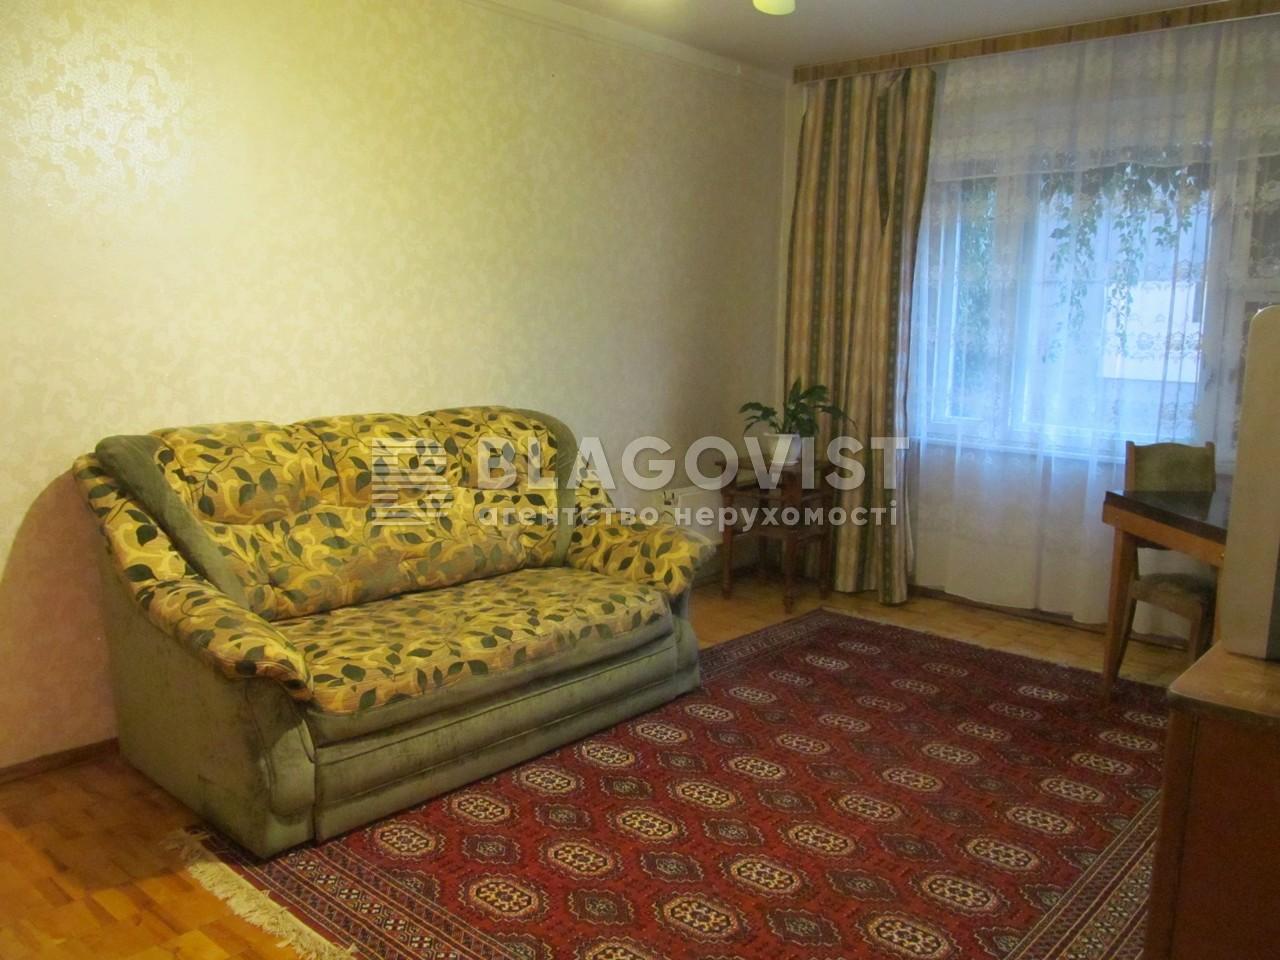 Квартира X-4166, Черновола Вячеслава, 8, Киев - Фото 5